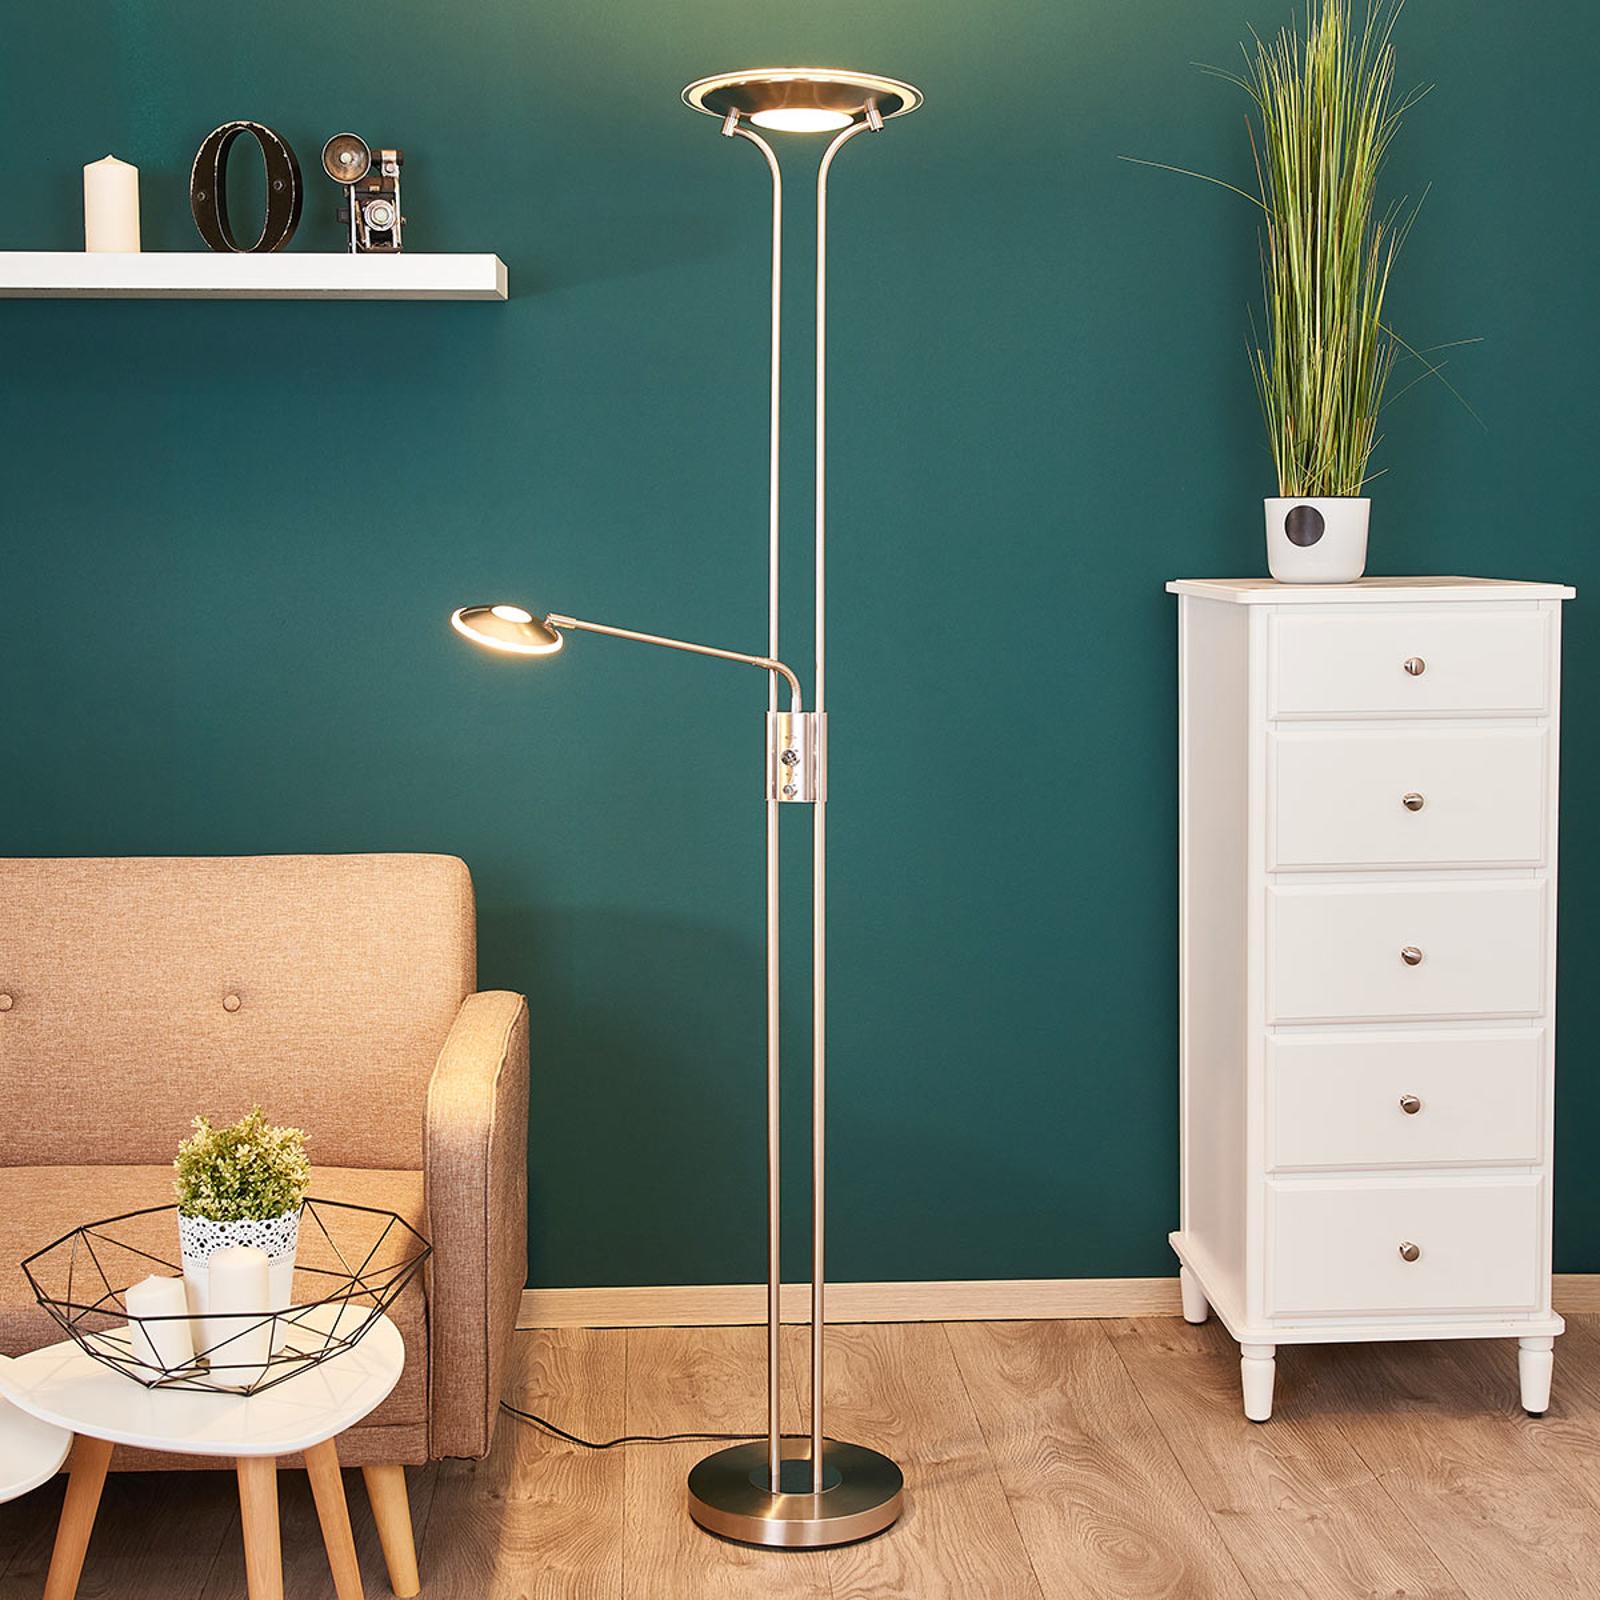 Nikkelfarget LED-uplight Aras